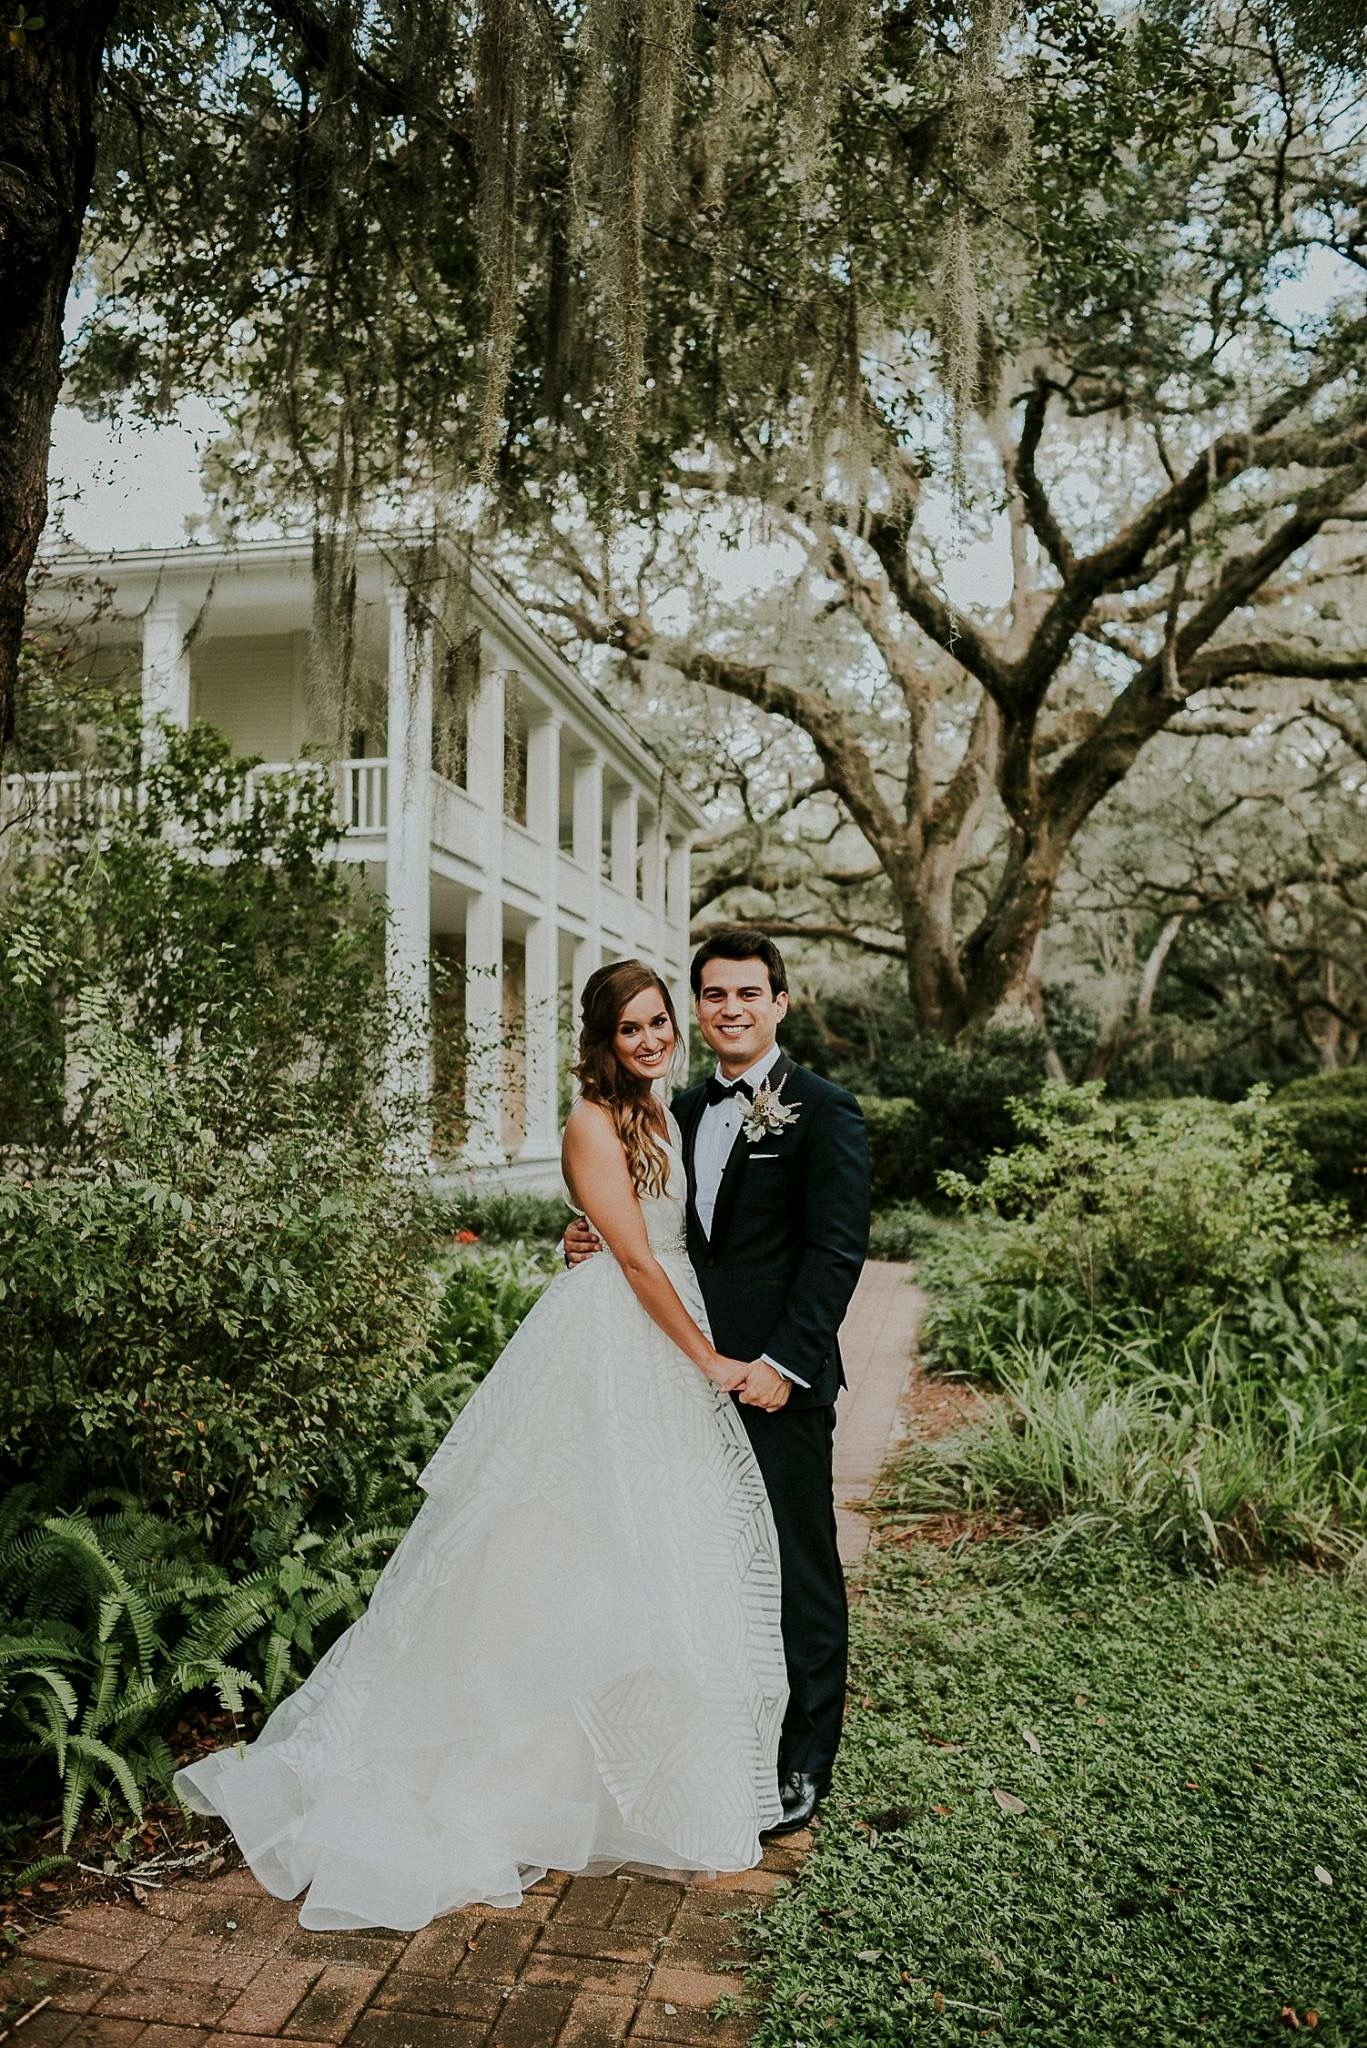 Eden Gardens State Park Park weddings, Wedding wishes